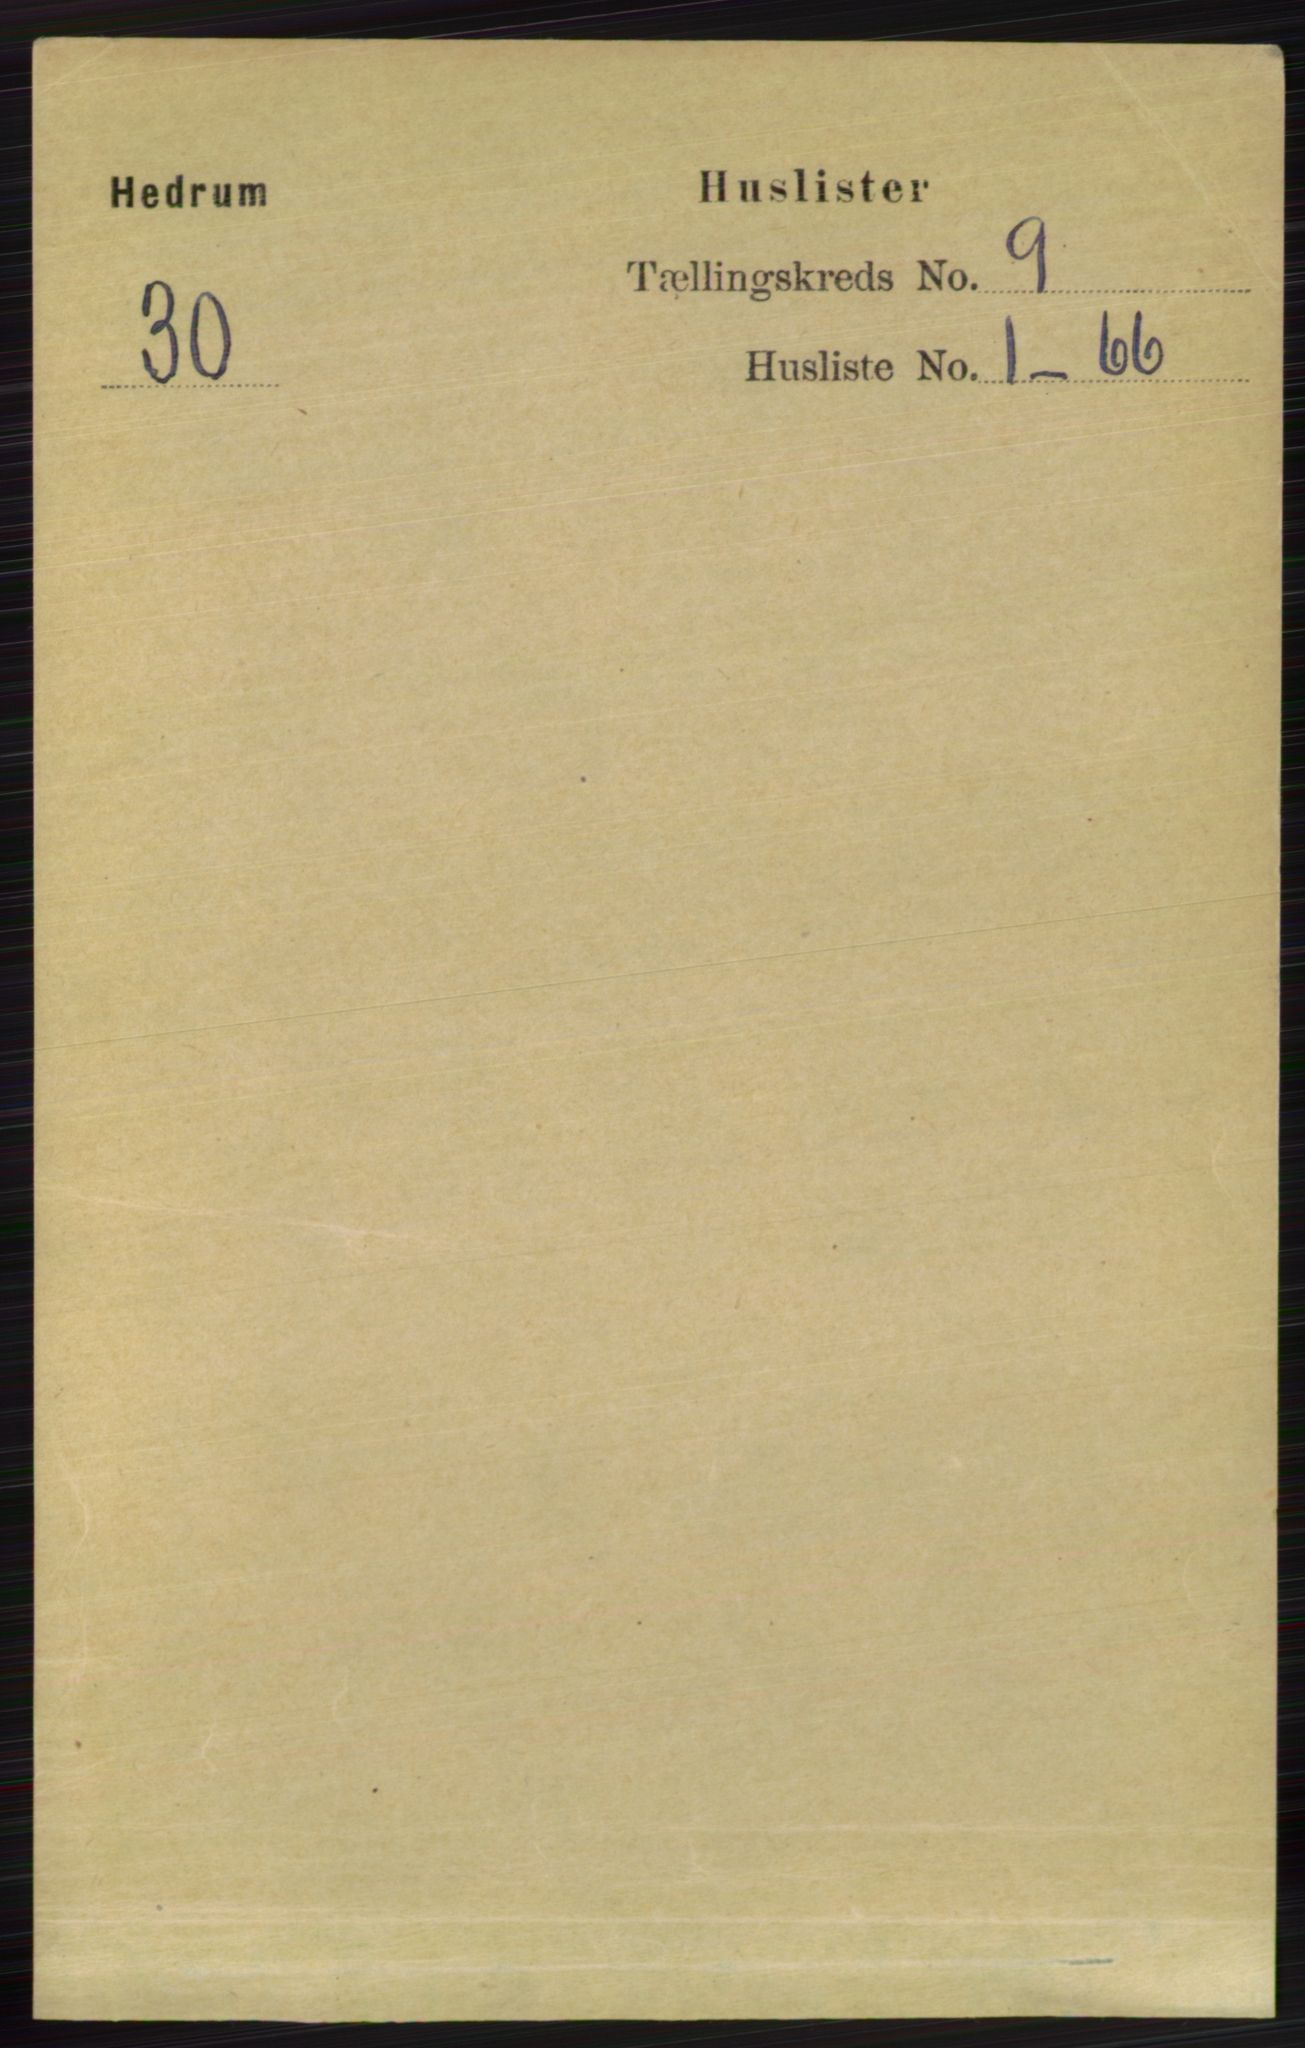 RA, Folketelling 1891 for 0727 Hedrum herred, 1891, s. 3848